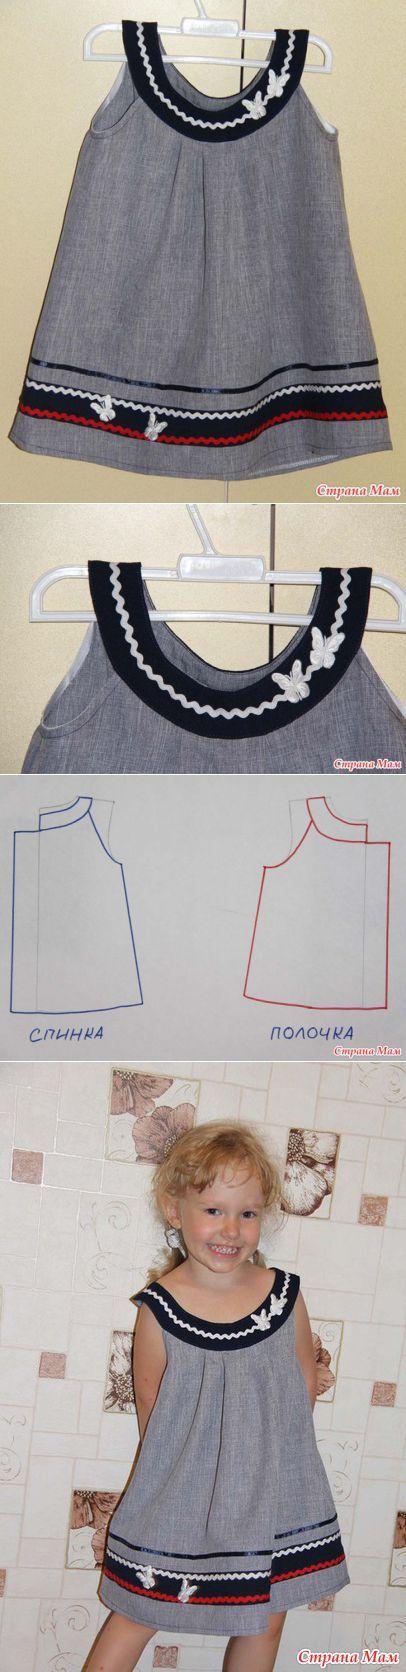 Ещё одно летнее платьице... на посошок - Выкройки детской одежды... <3 Deniz <3